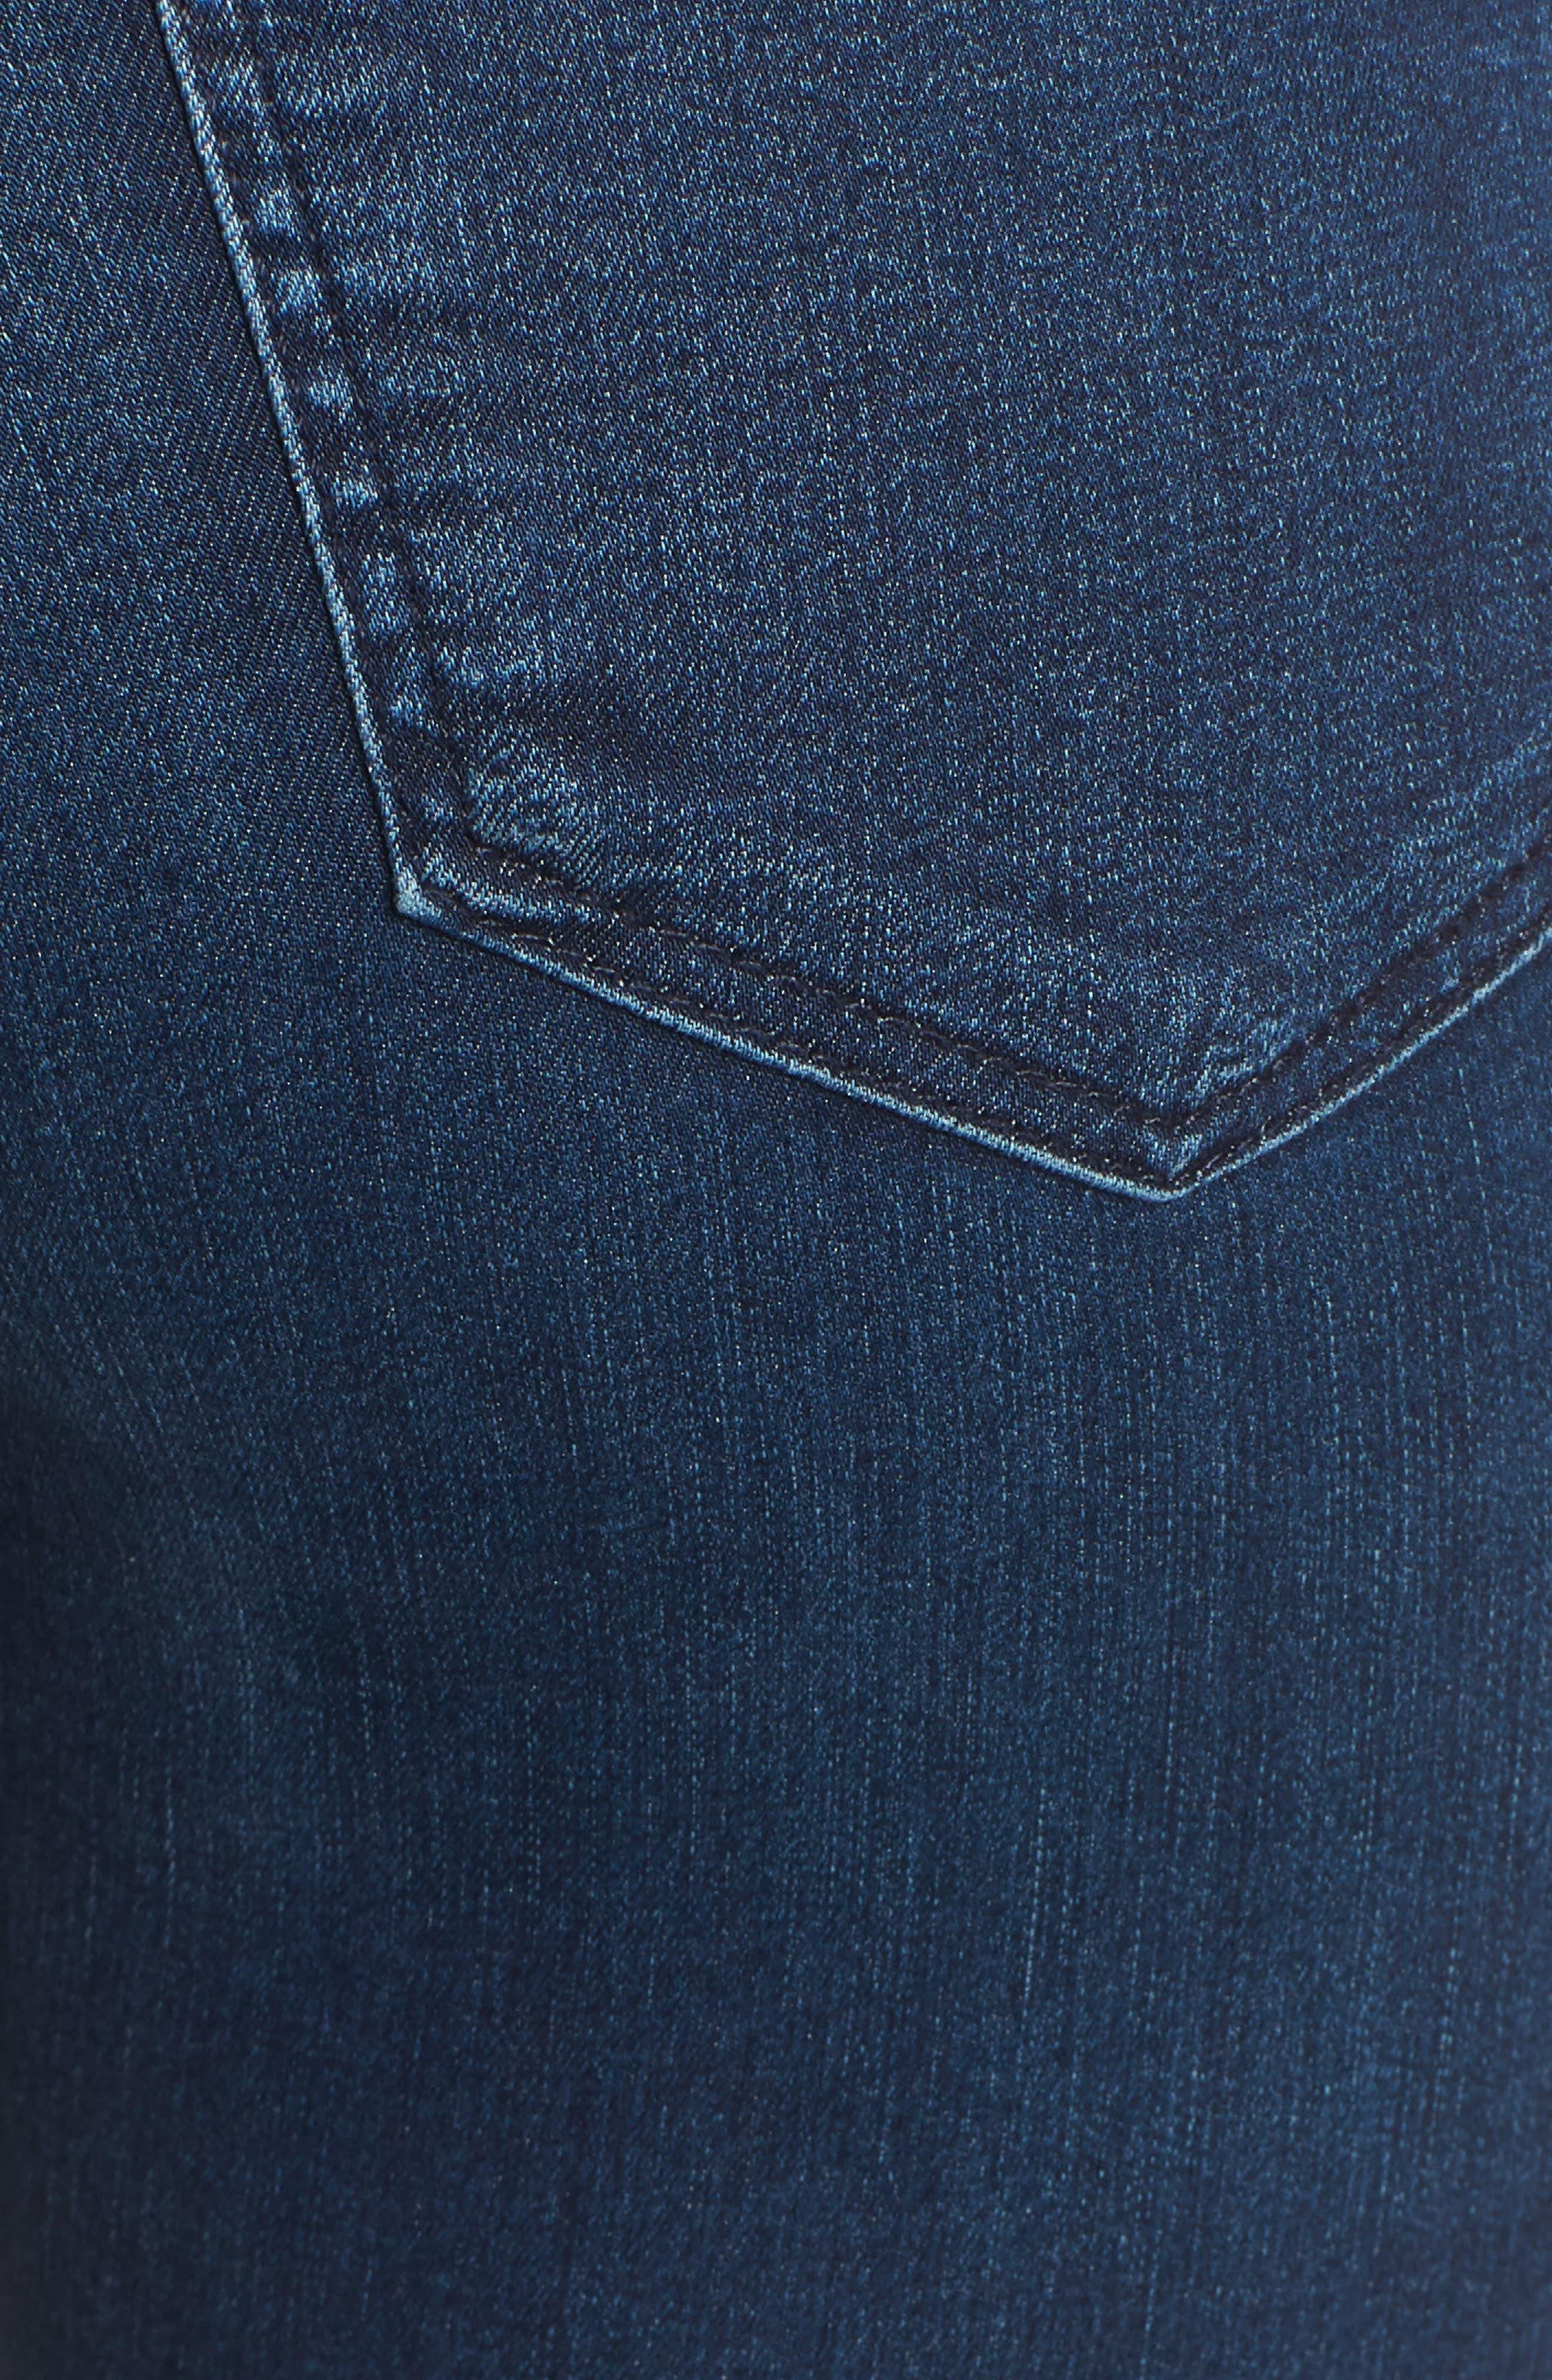 Moto Joni Indigo Jeans,                             Alternate thumbnail 5, color,